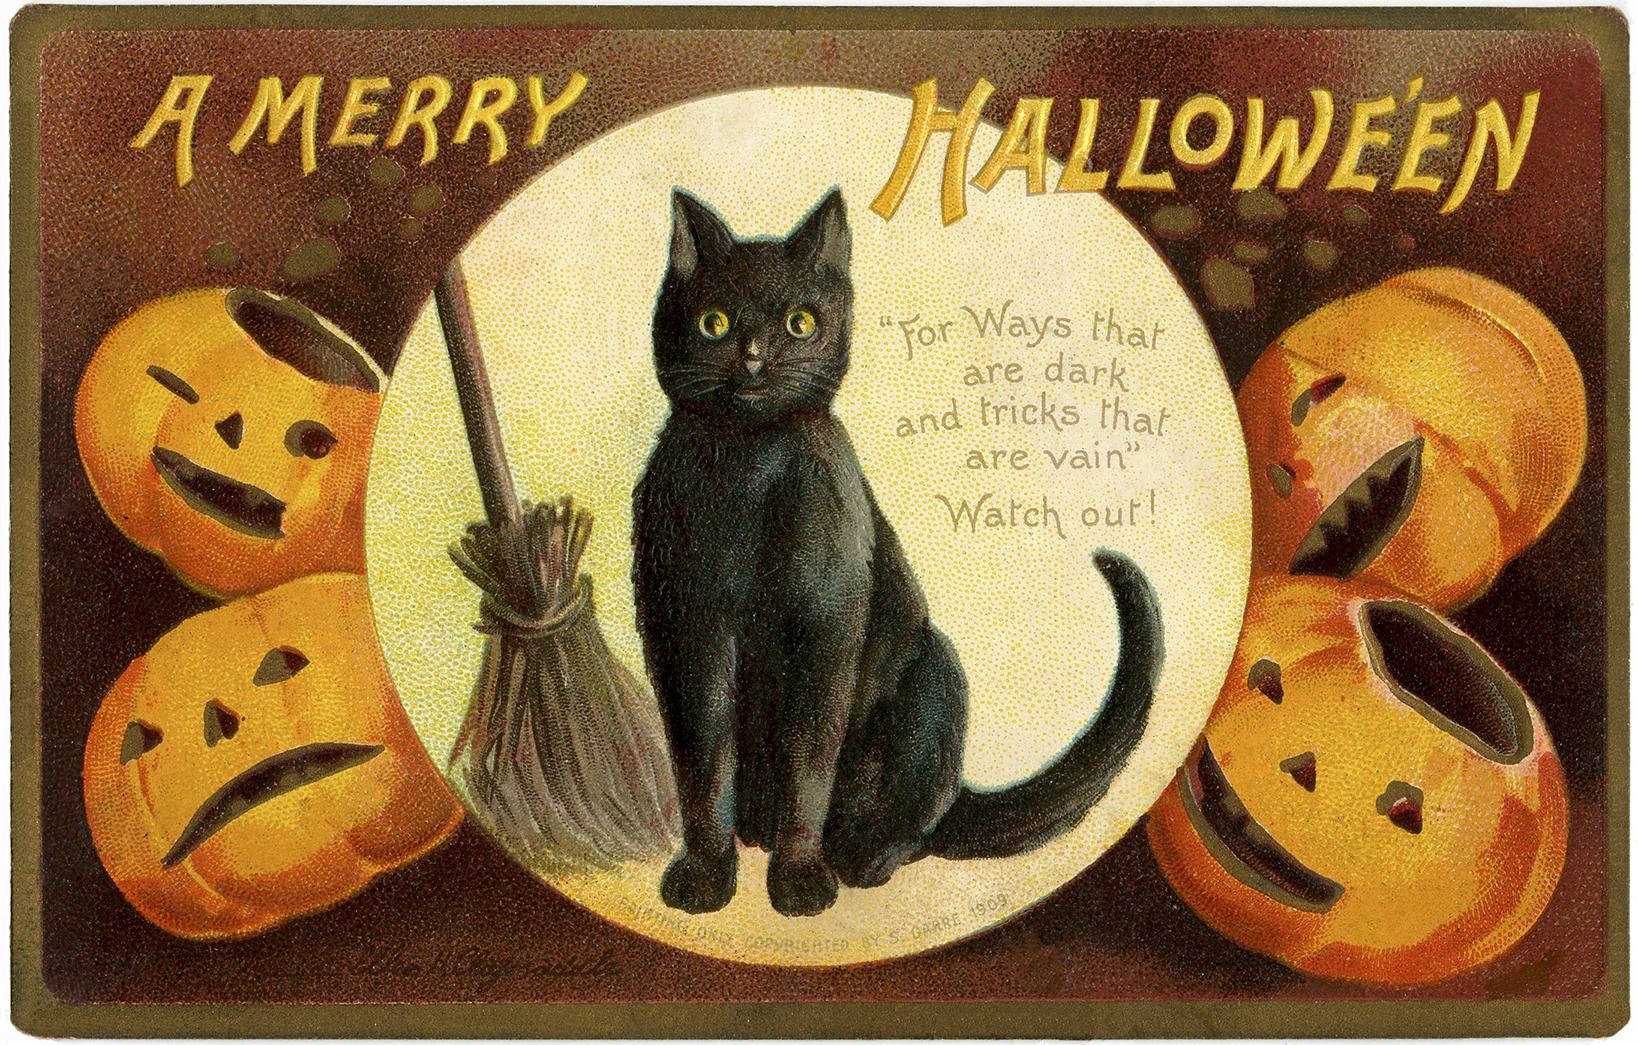 Винтажная открытка на хэллоуин с черным котом, метлой и тыквами